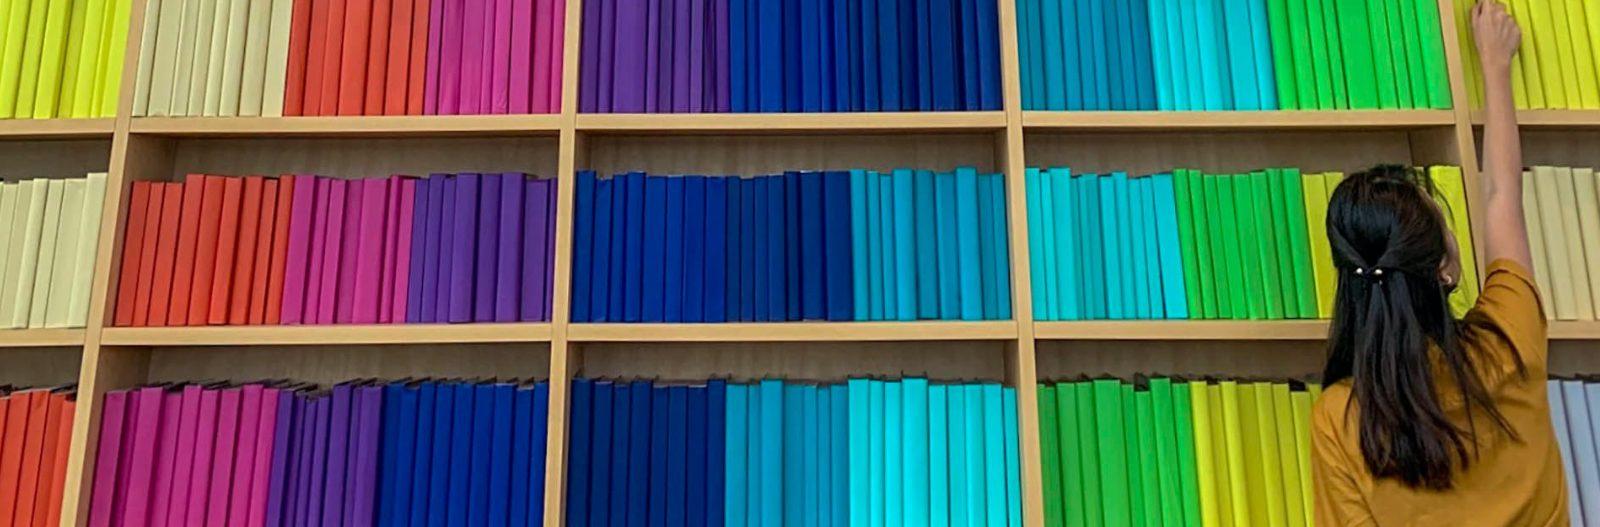 regenboog lgbtq boeken